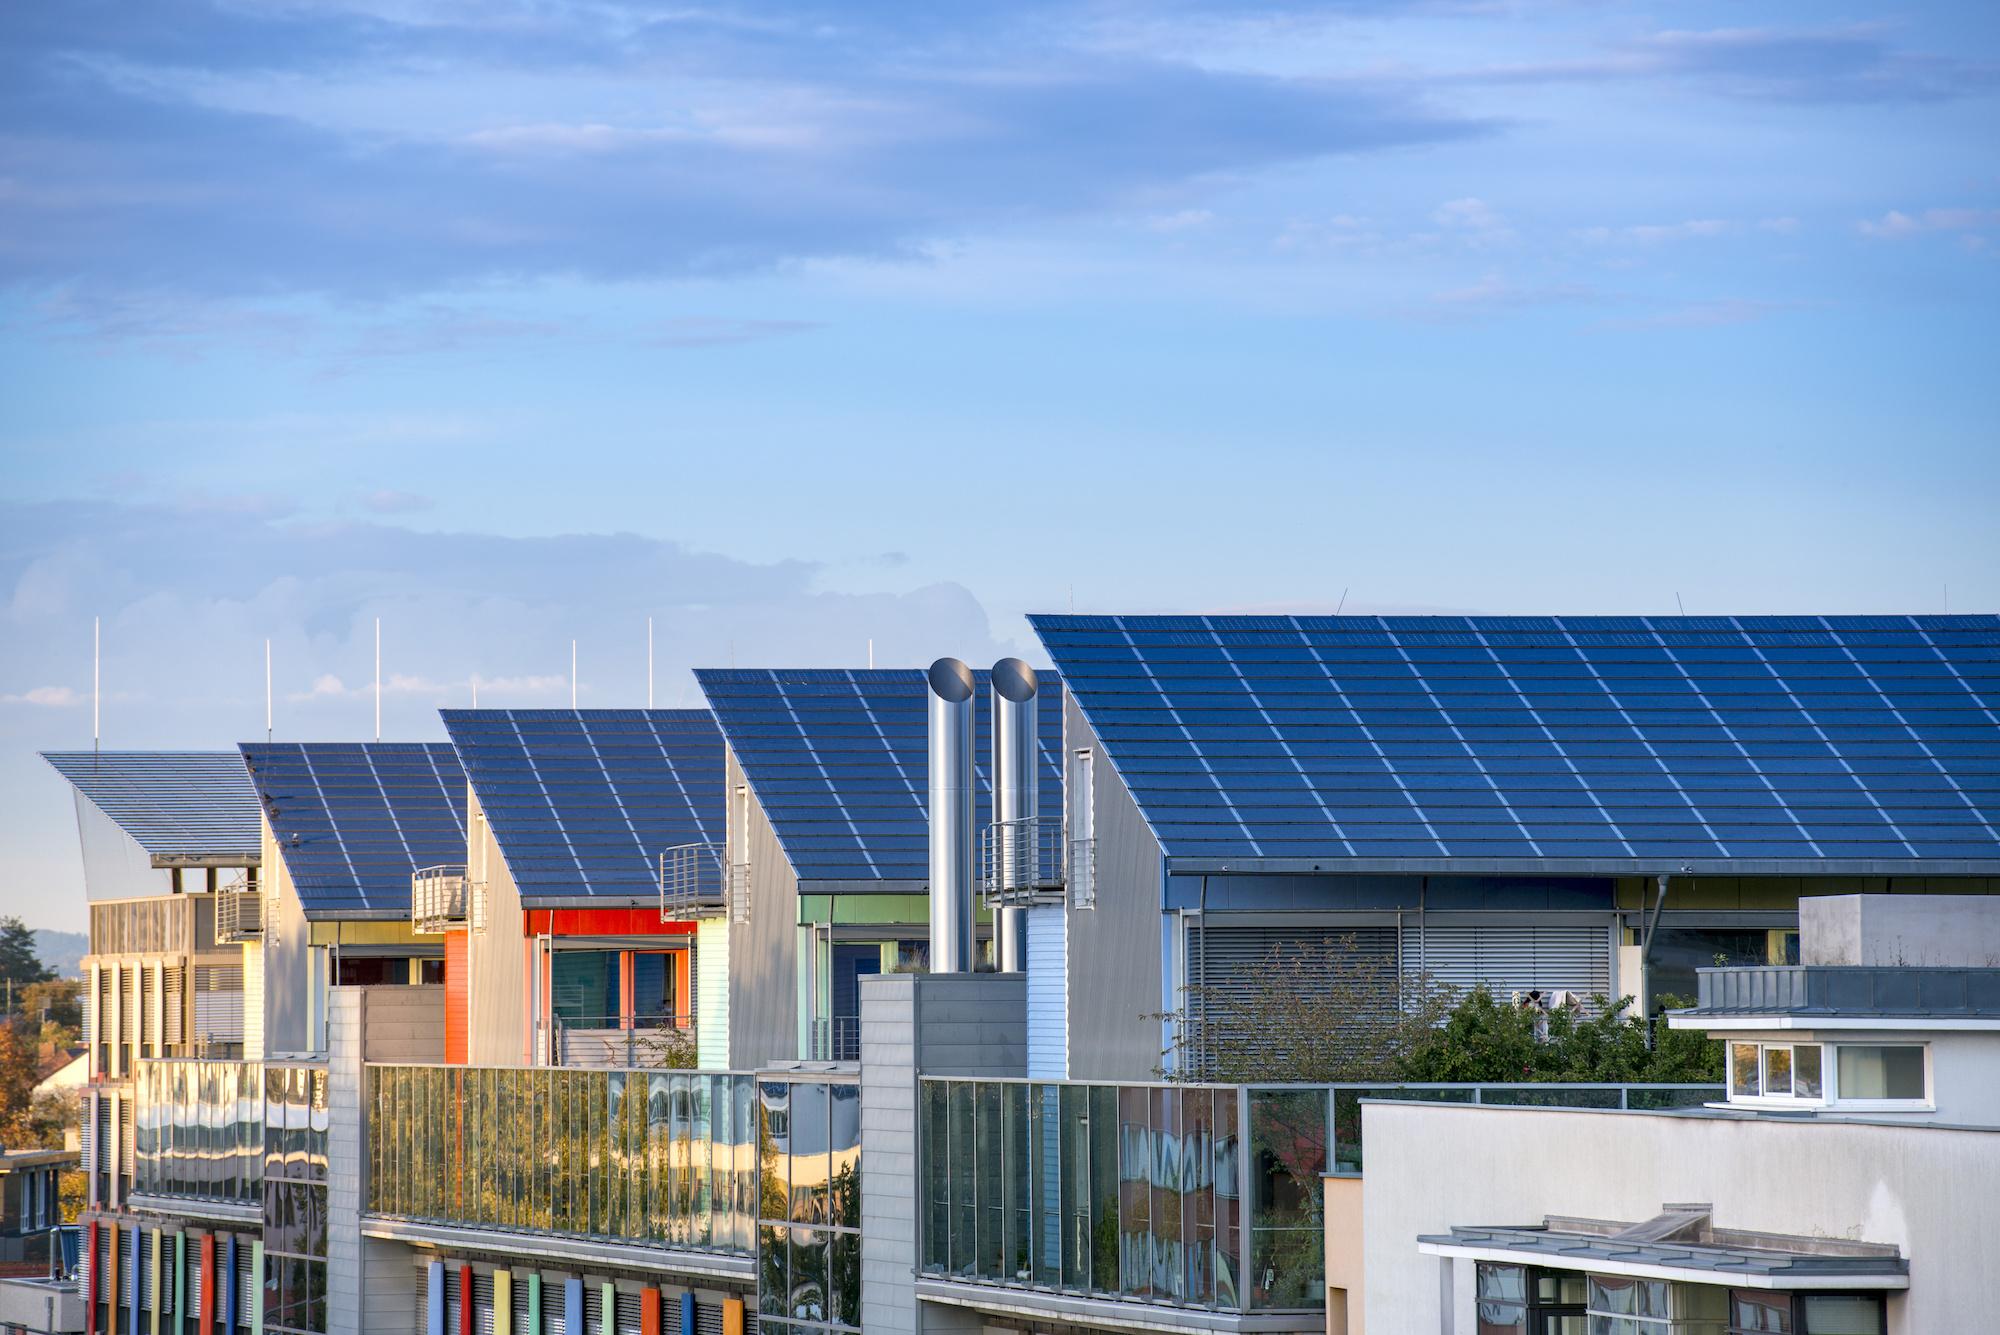 Mieterstrom, Quartierstrom und Quartierspeicher: Gesch#xE4ftsmodelle f#xFCr die lokale Energiewende. Veranstaltung am 15.+16.6.16